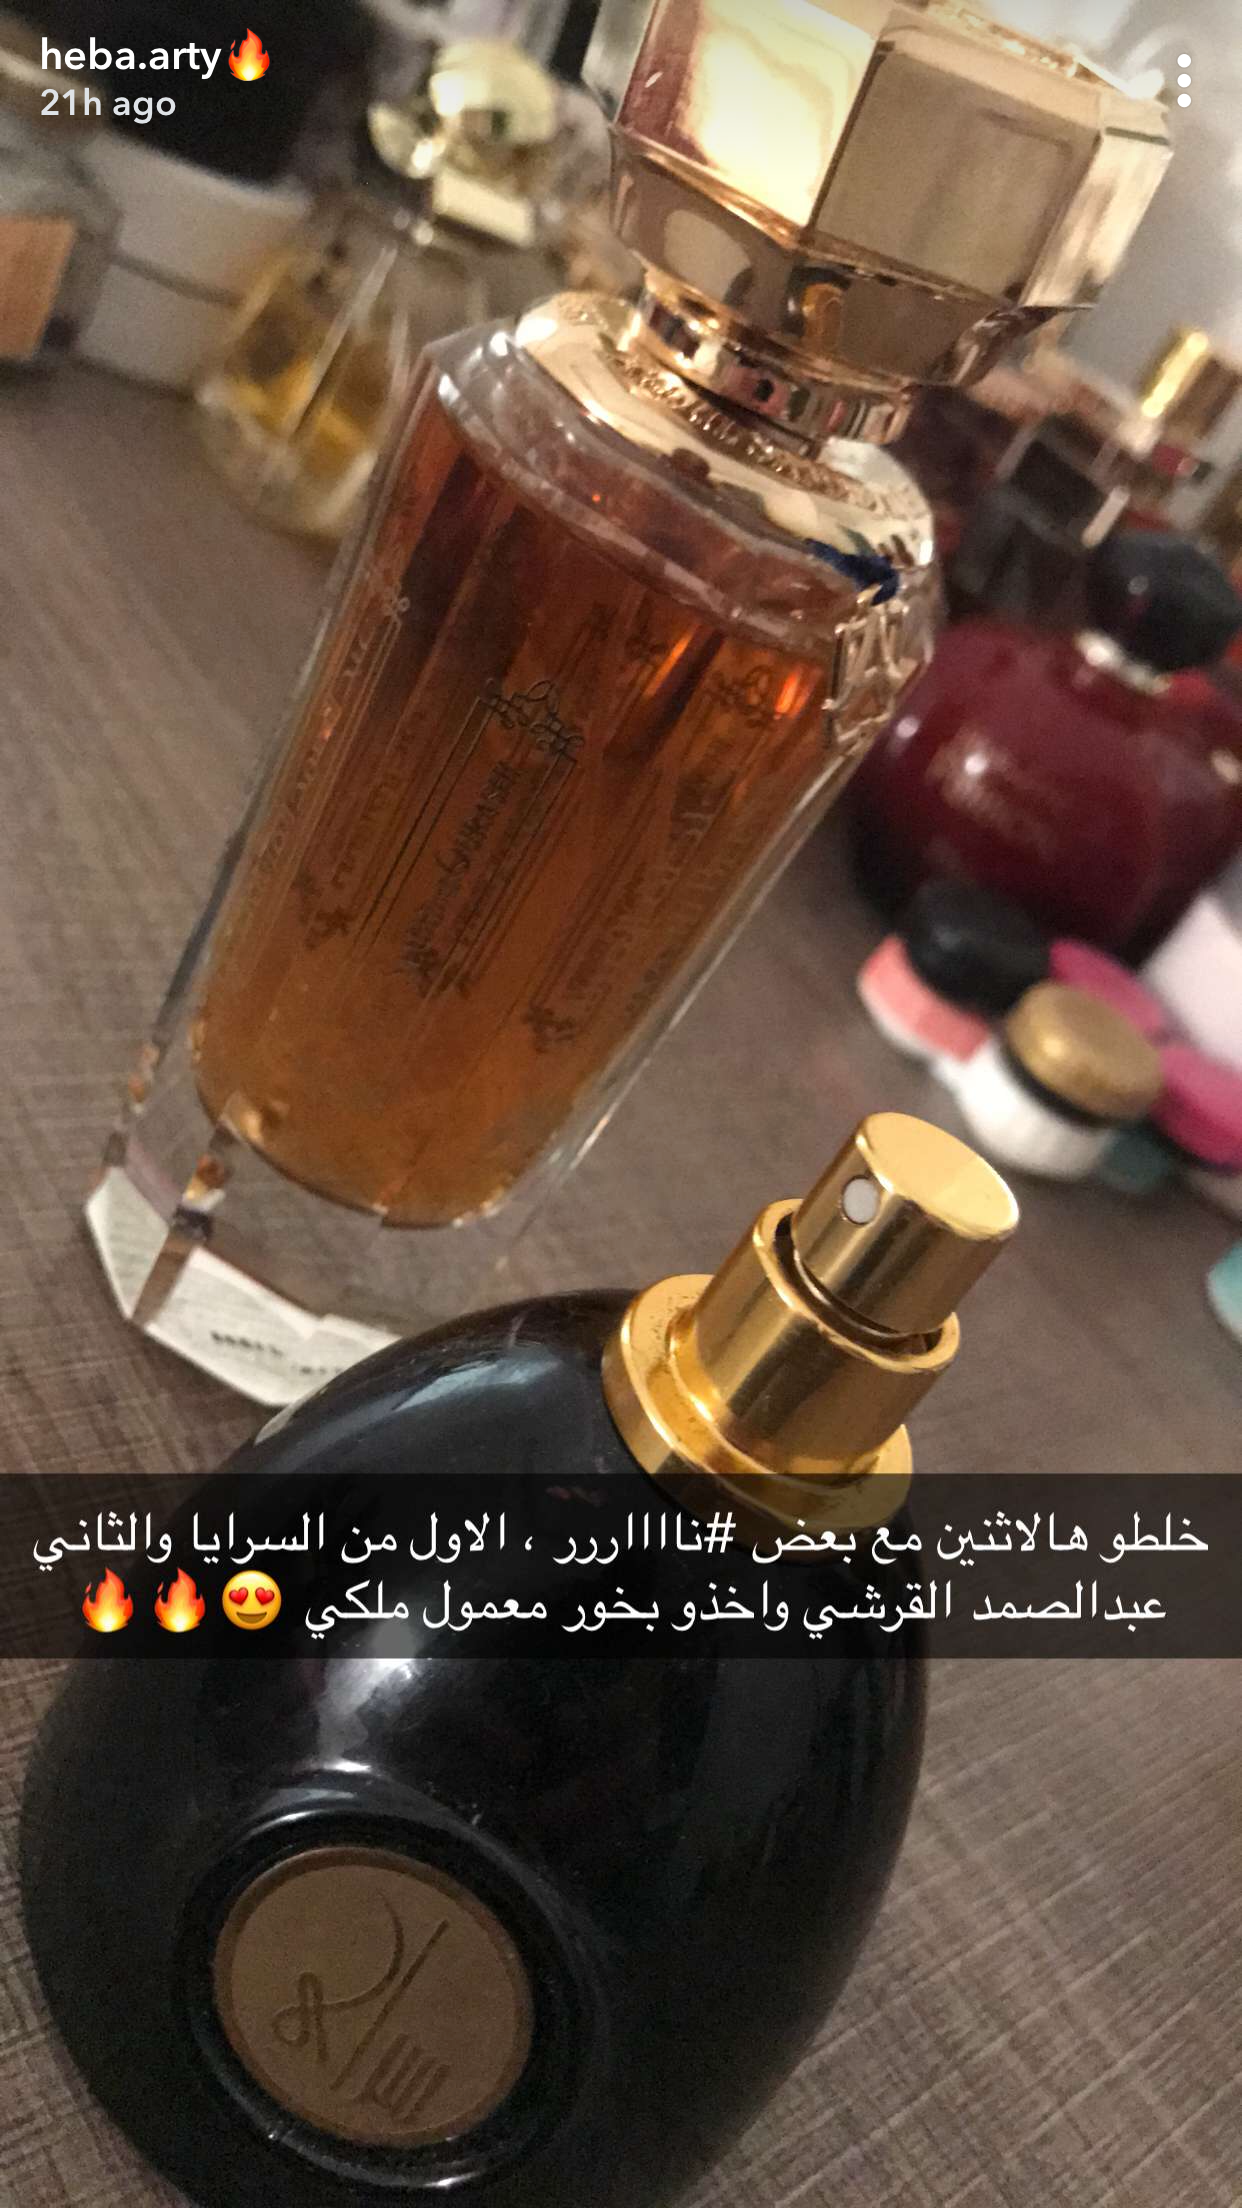 Pin By Yaaqoot On Make Up And Nails Perfume Recipes Diy Perfume Recipes Lovely Perfume